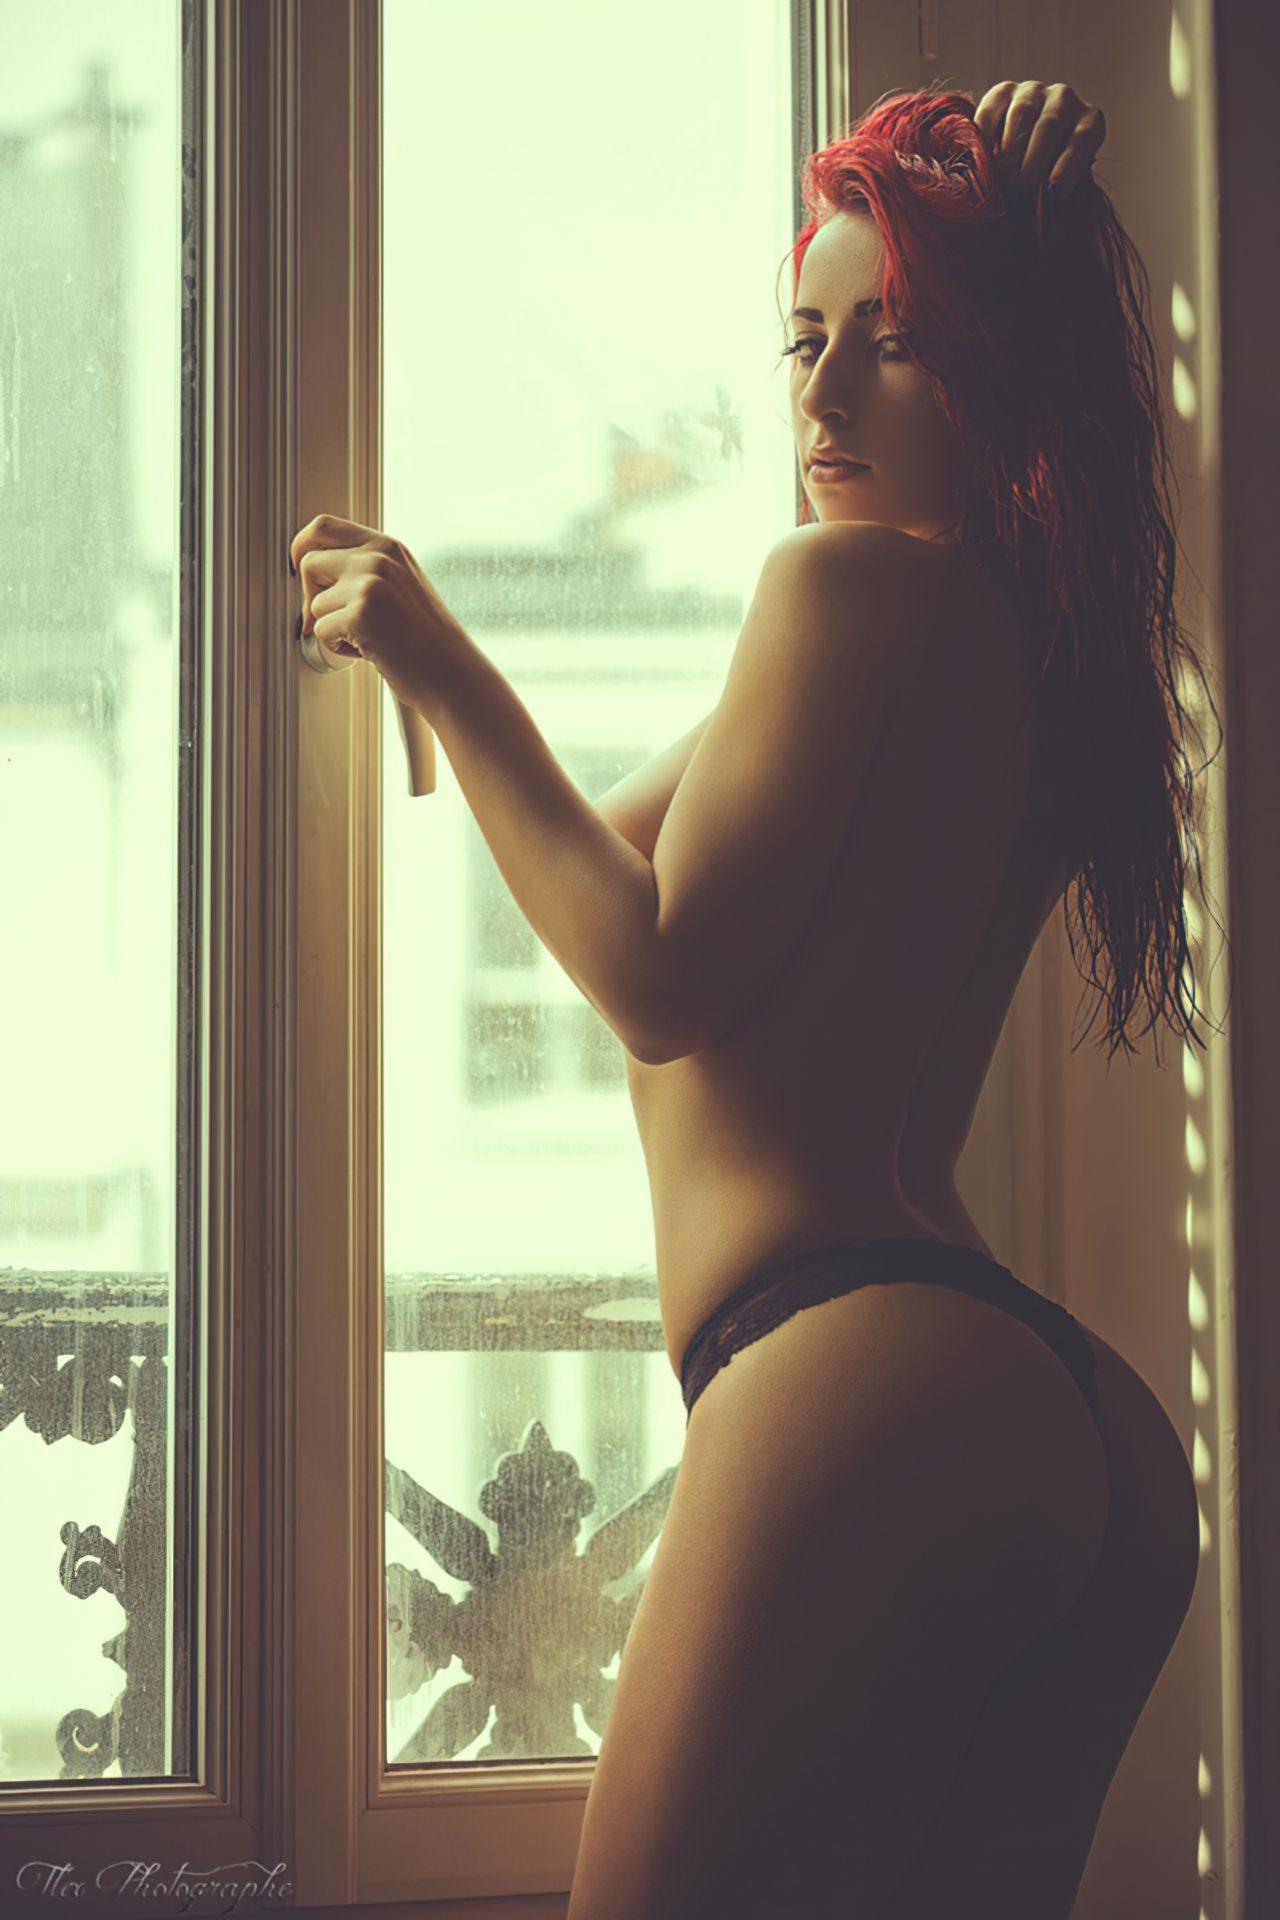 Imagens de Mulheres Nuas (29)